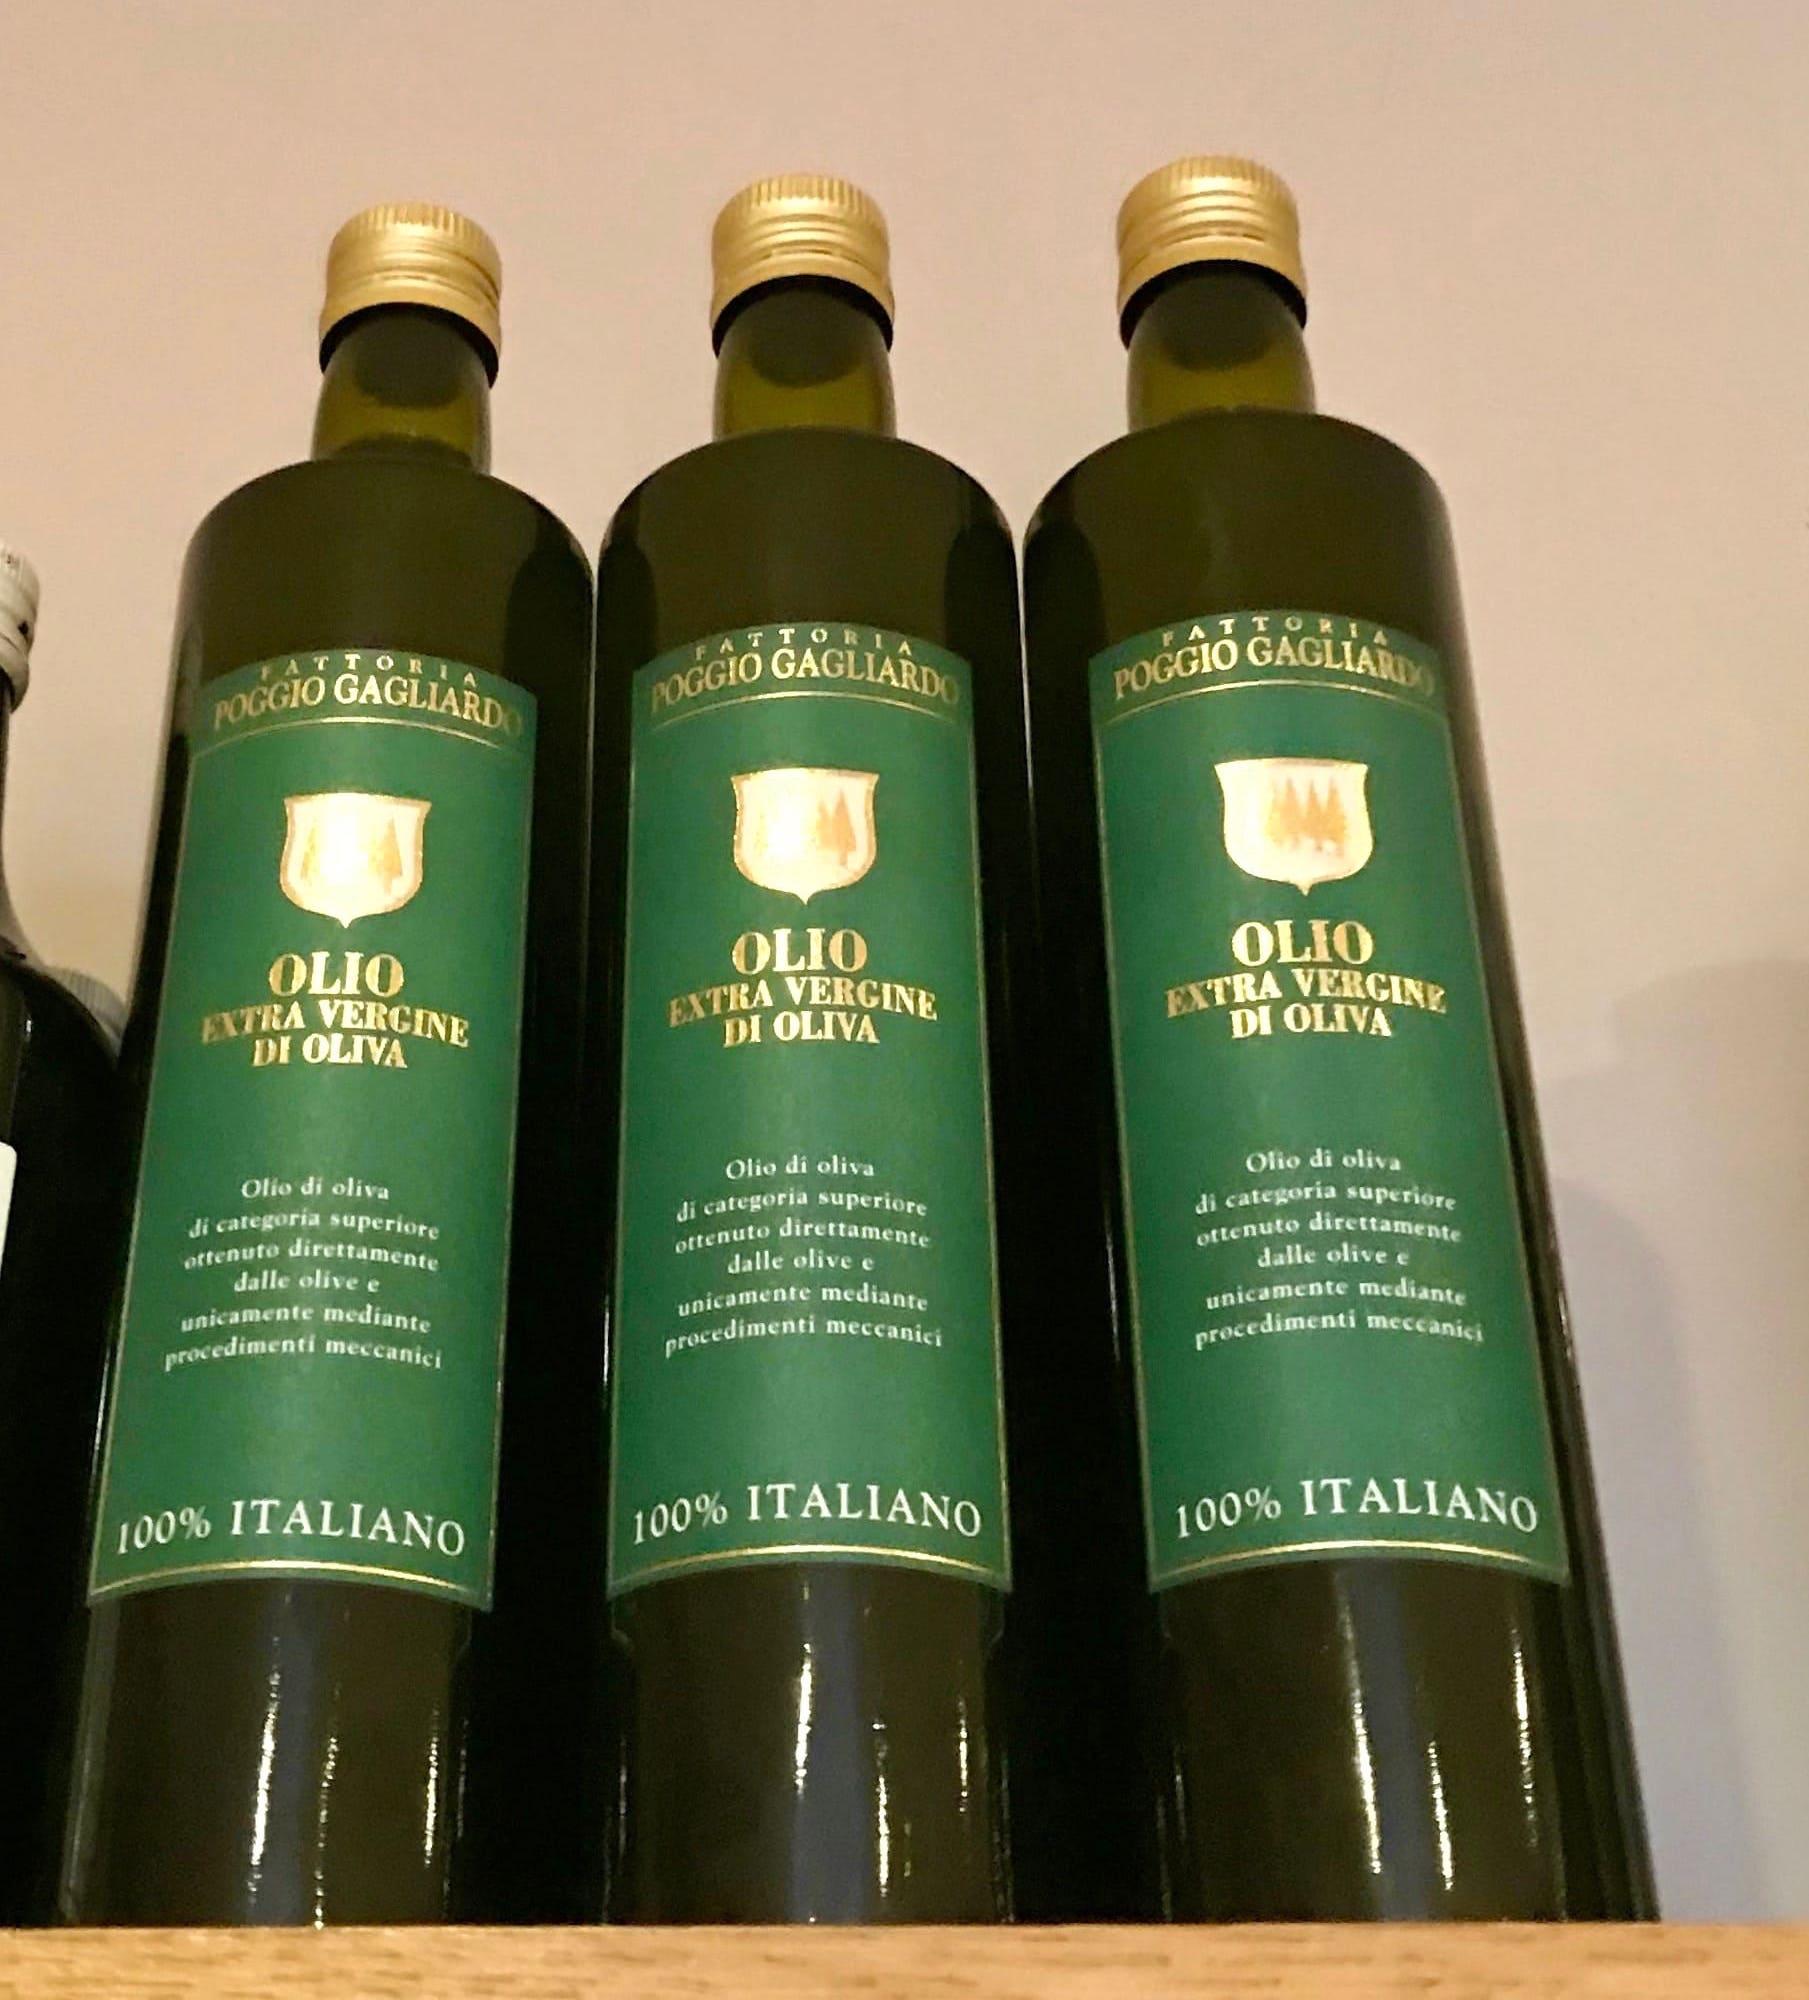 Olio d'oliva di Toscana